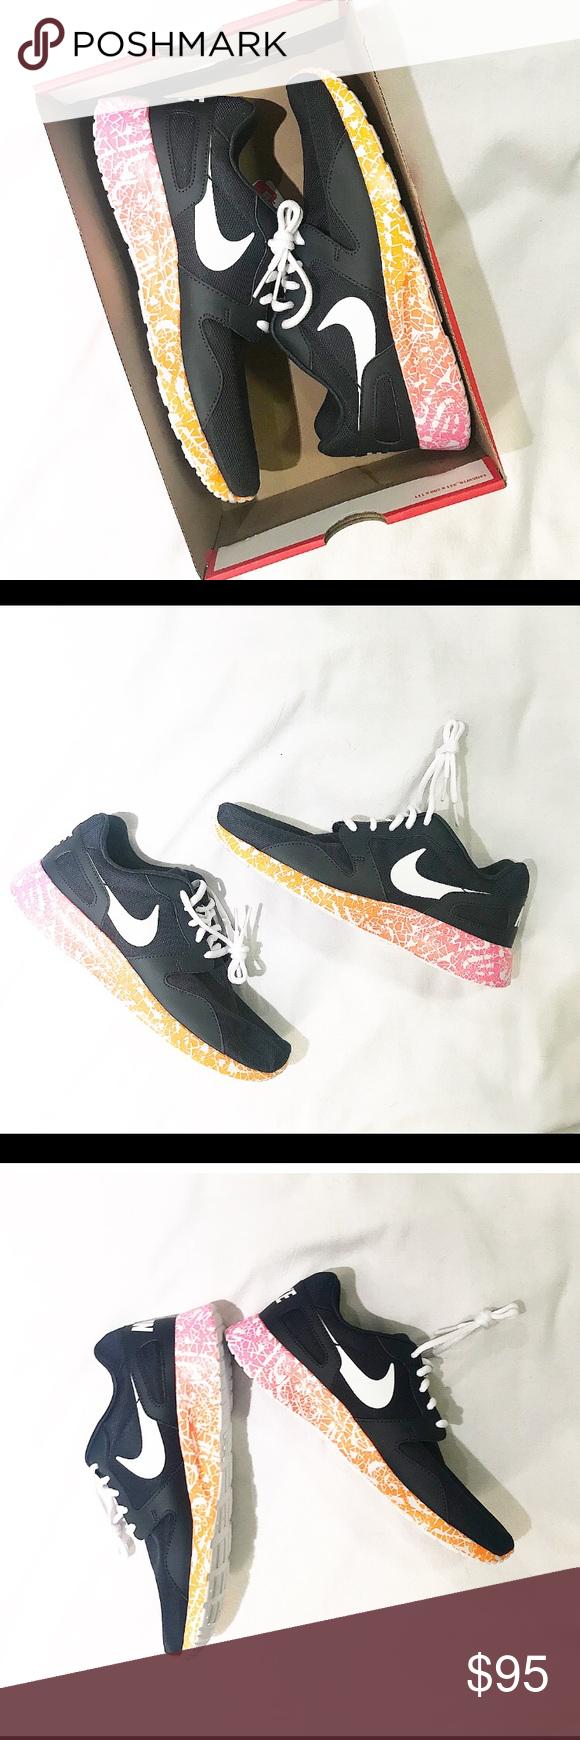 NWT! Nike kaishi print athletic shoes size 10 Athletic shoes, Box